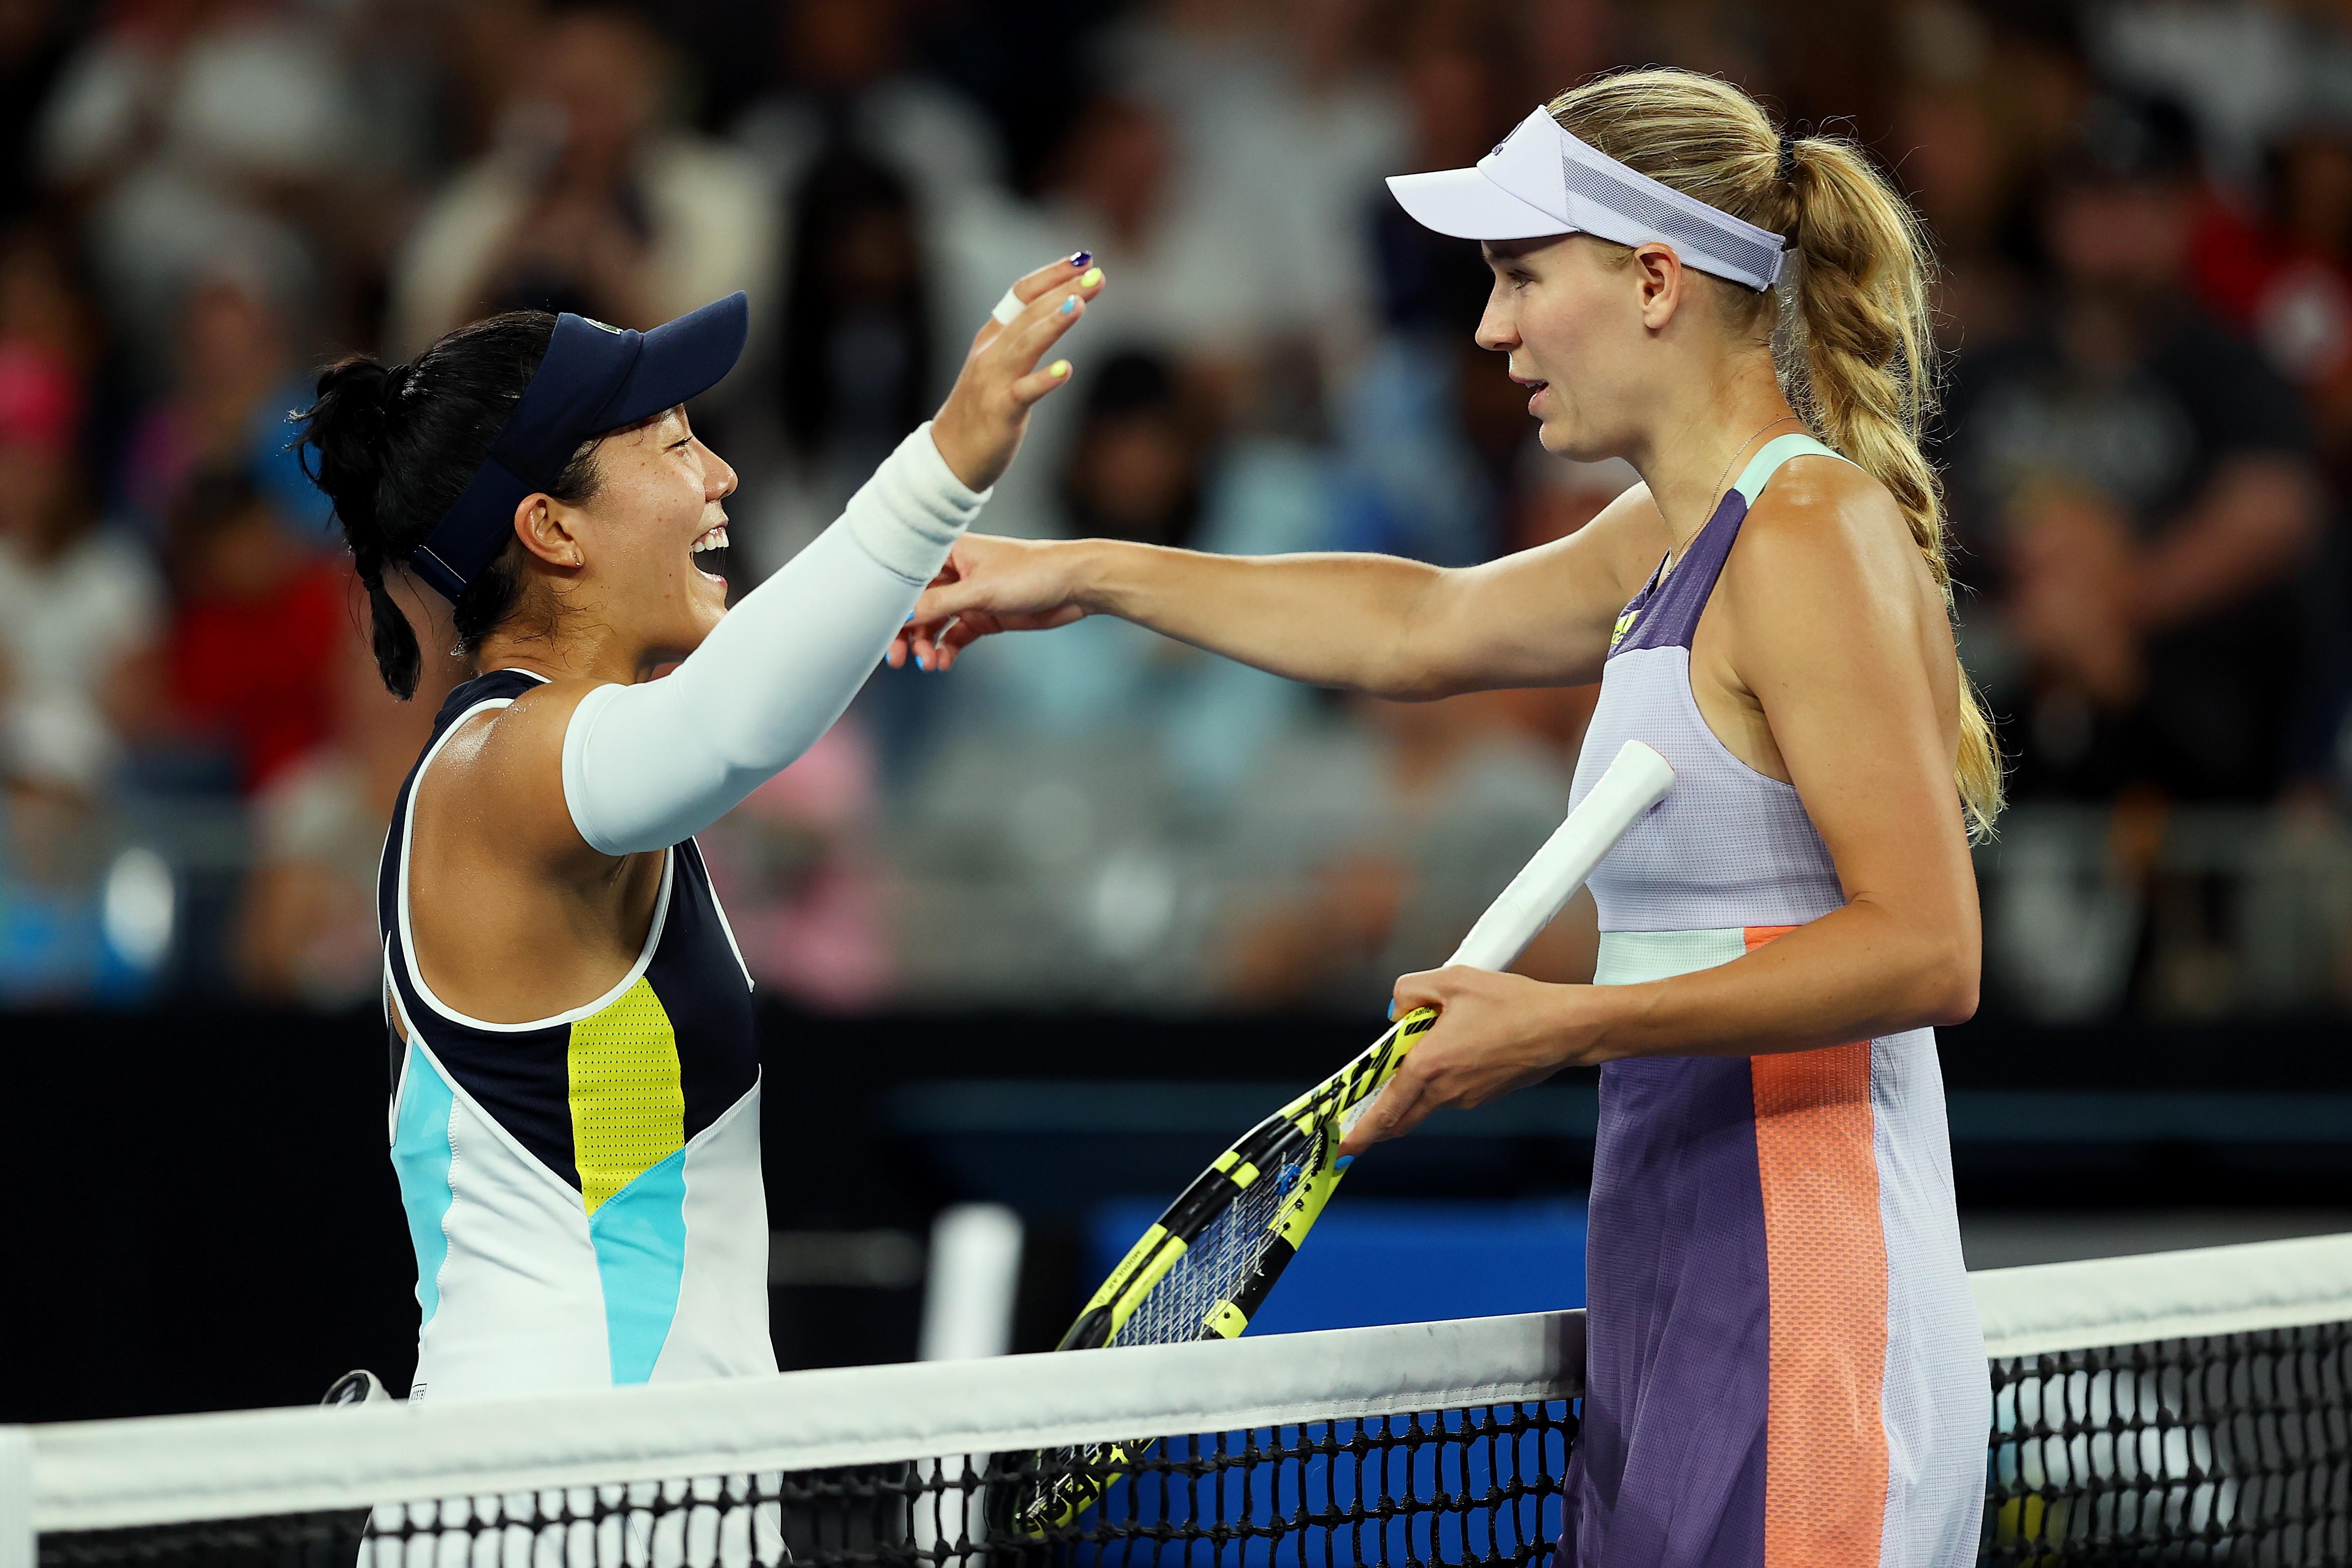 20 gennaio 2020: Wozniacki e Ahn agli Australian Open